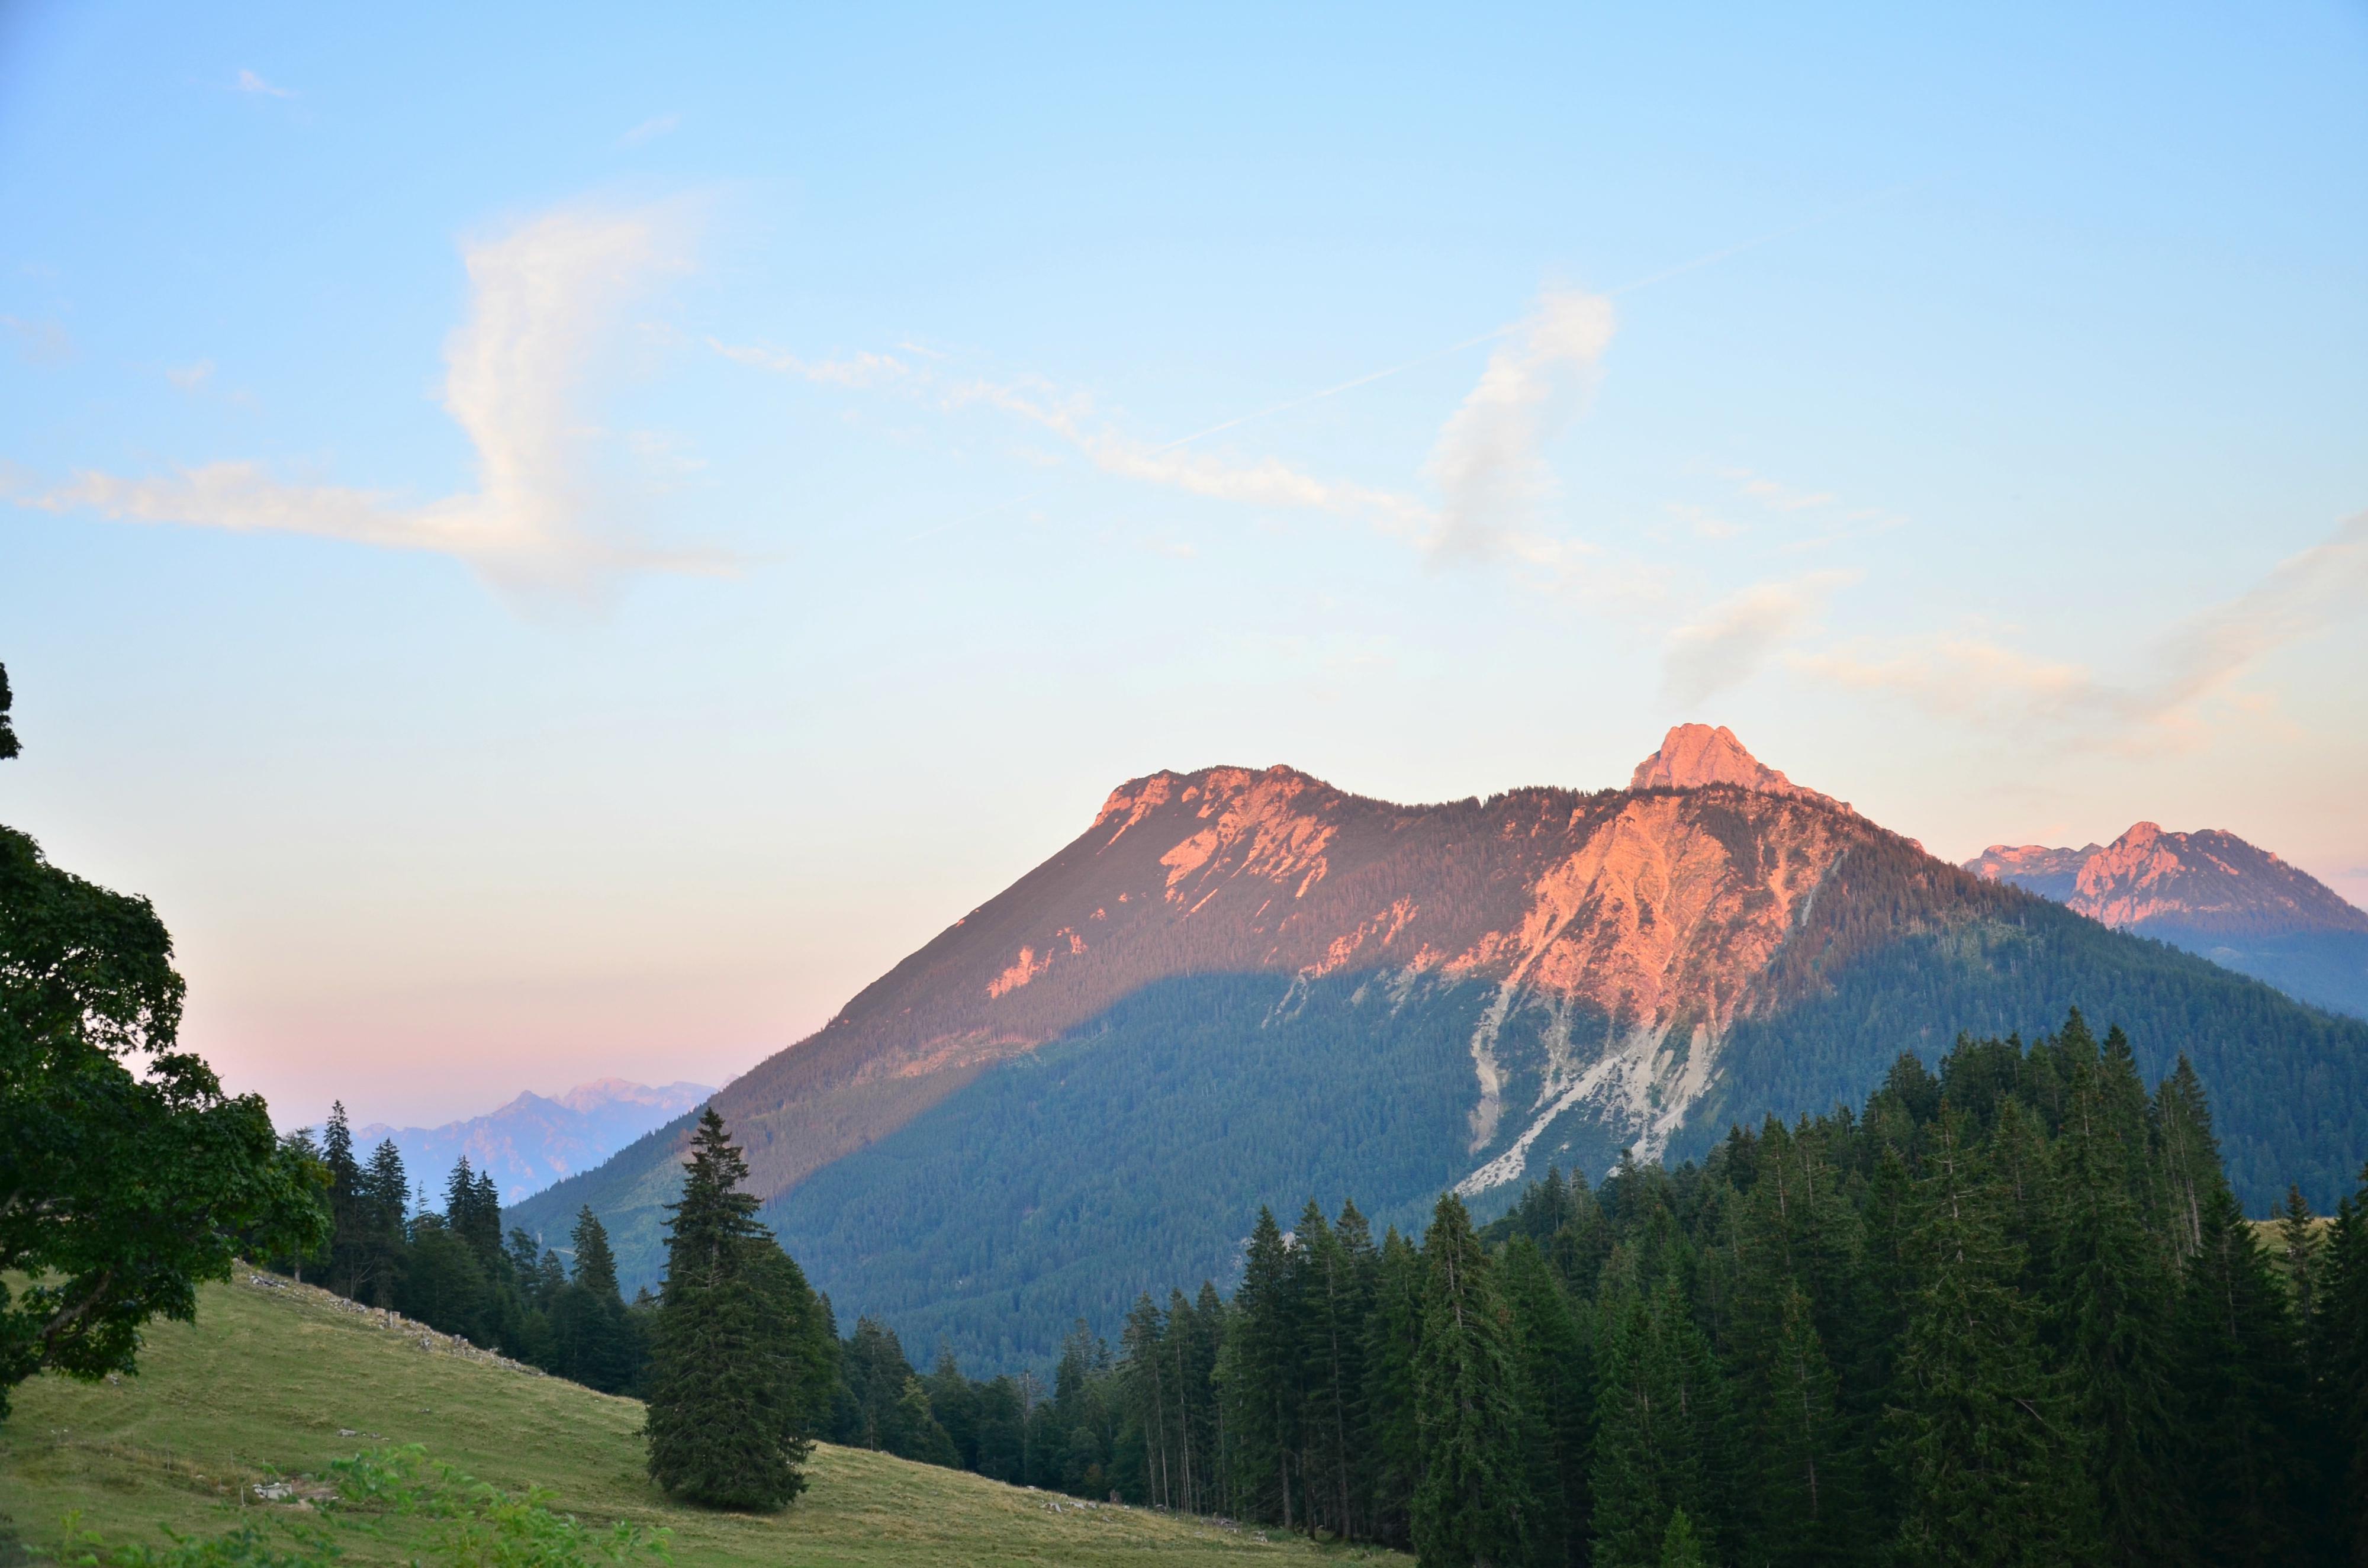 A0080_Alpenglühen_von_der_Alpe_Bärenmoos_Pfronten.jpg